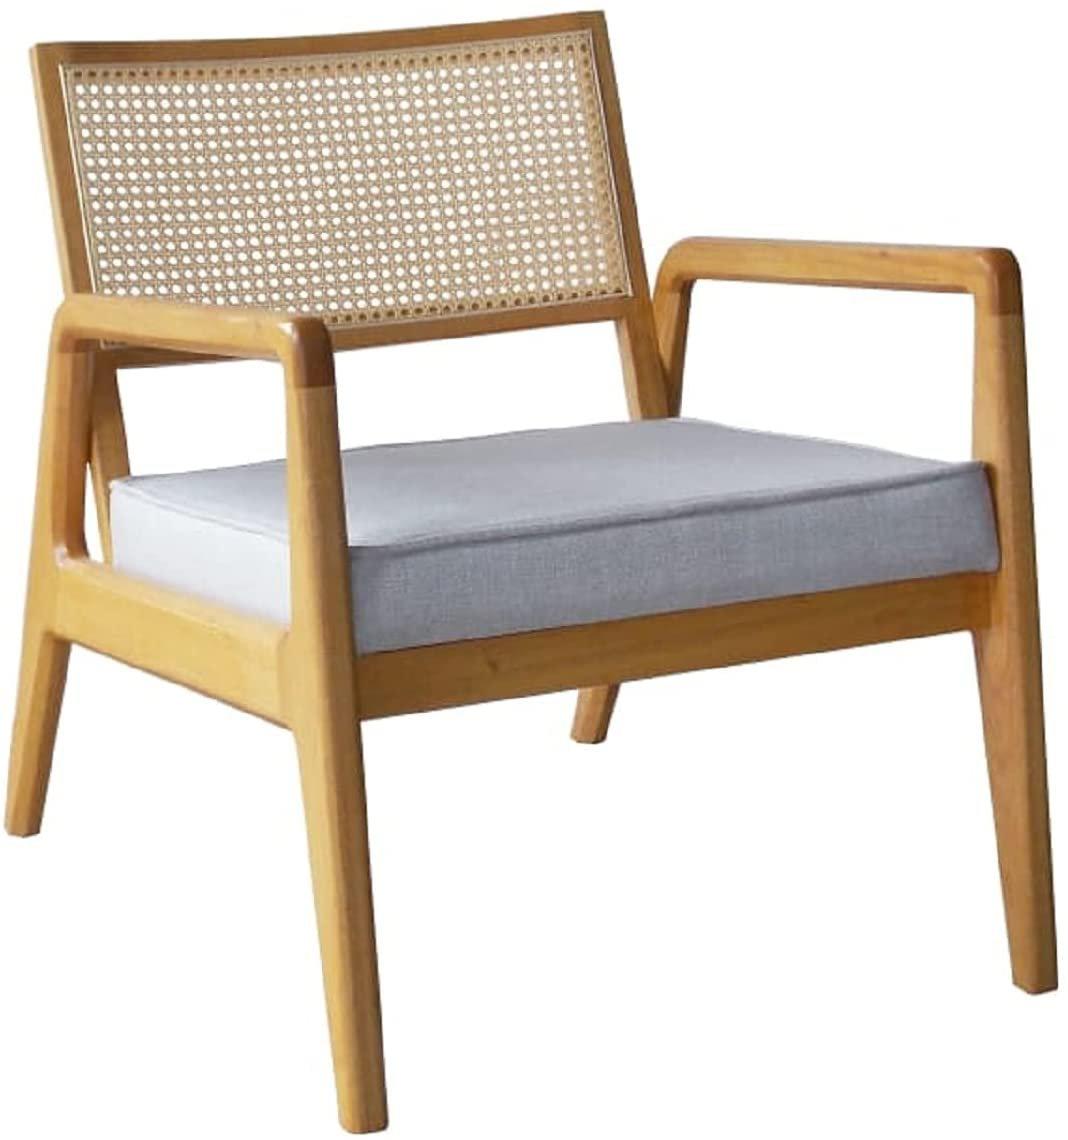 Cadeira Sevilha, da Allstate